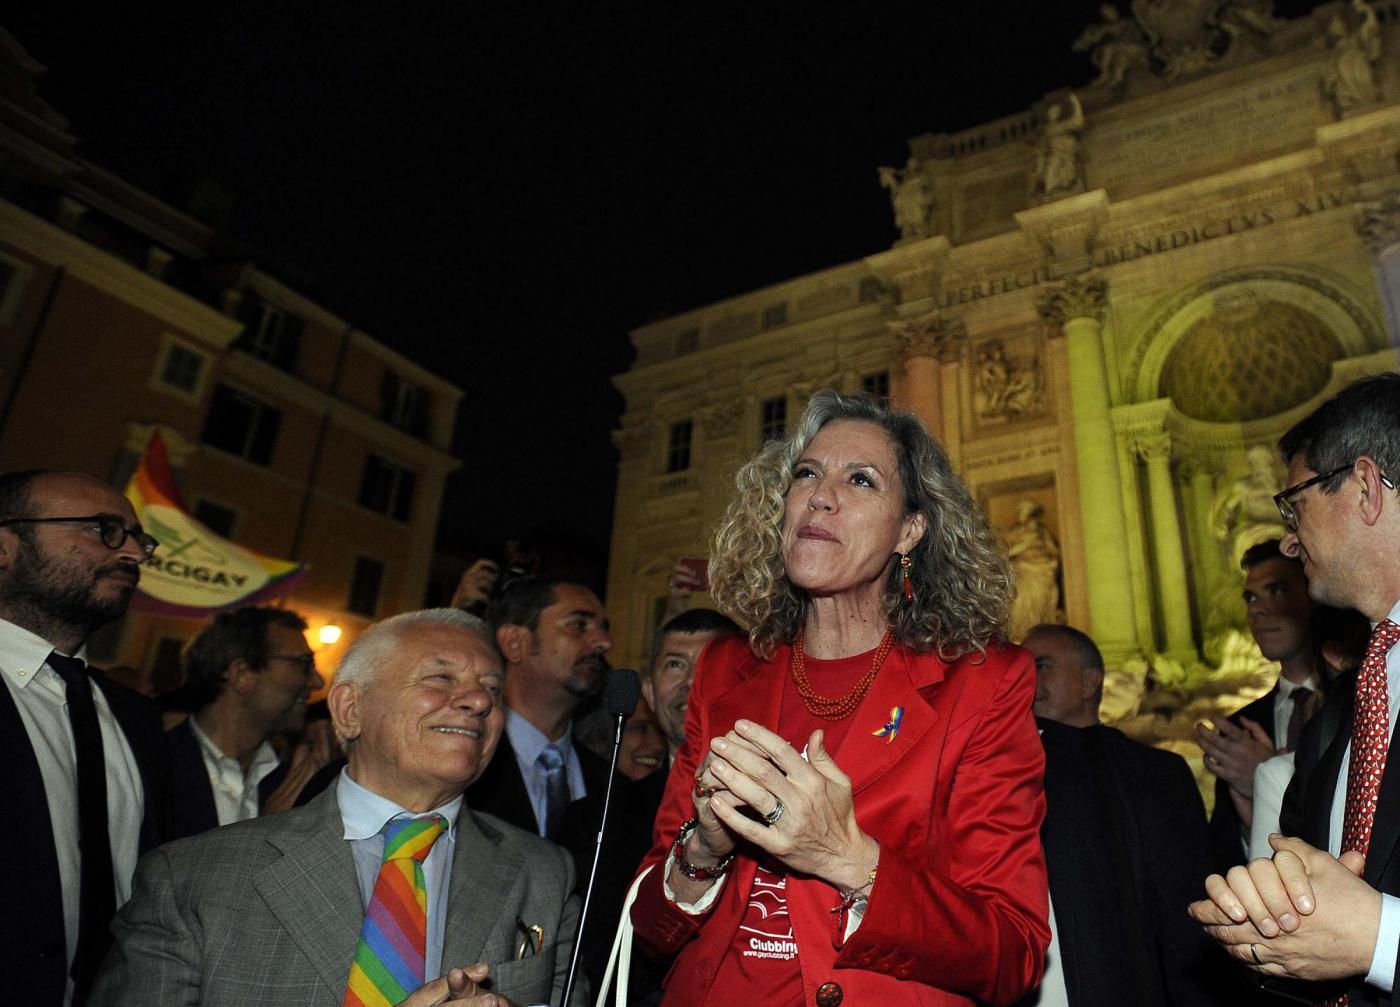 Festeggiamenti per approvazione DDL su Unioni Civili a Fontana di Trevi